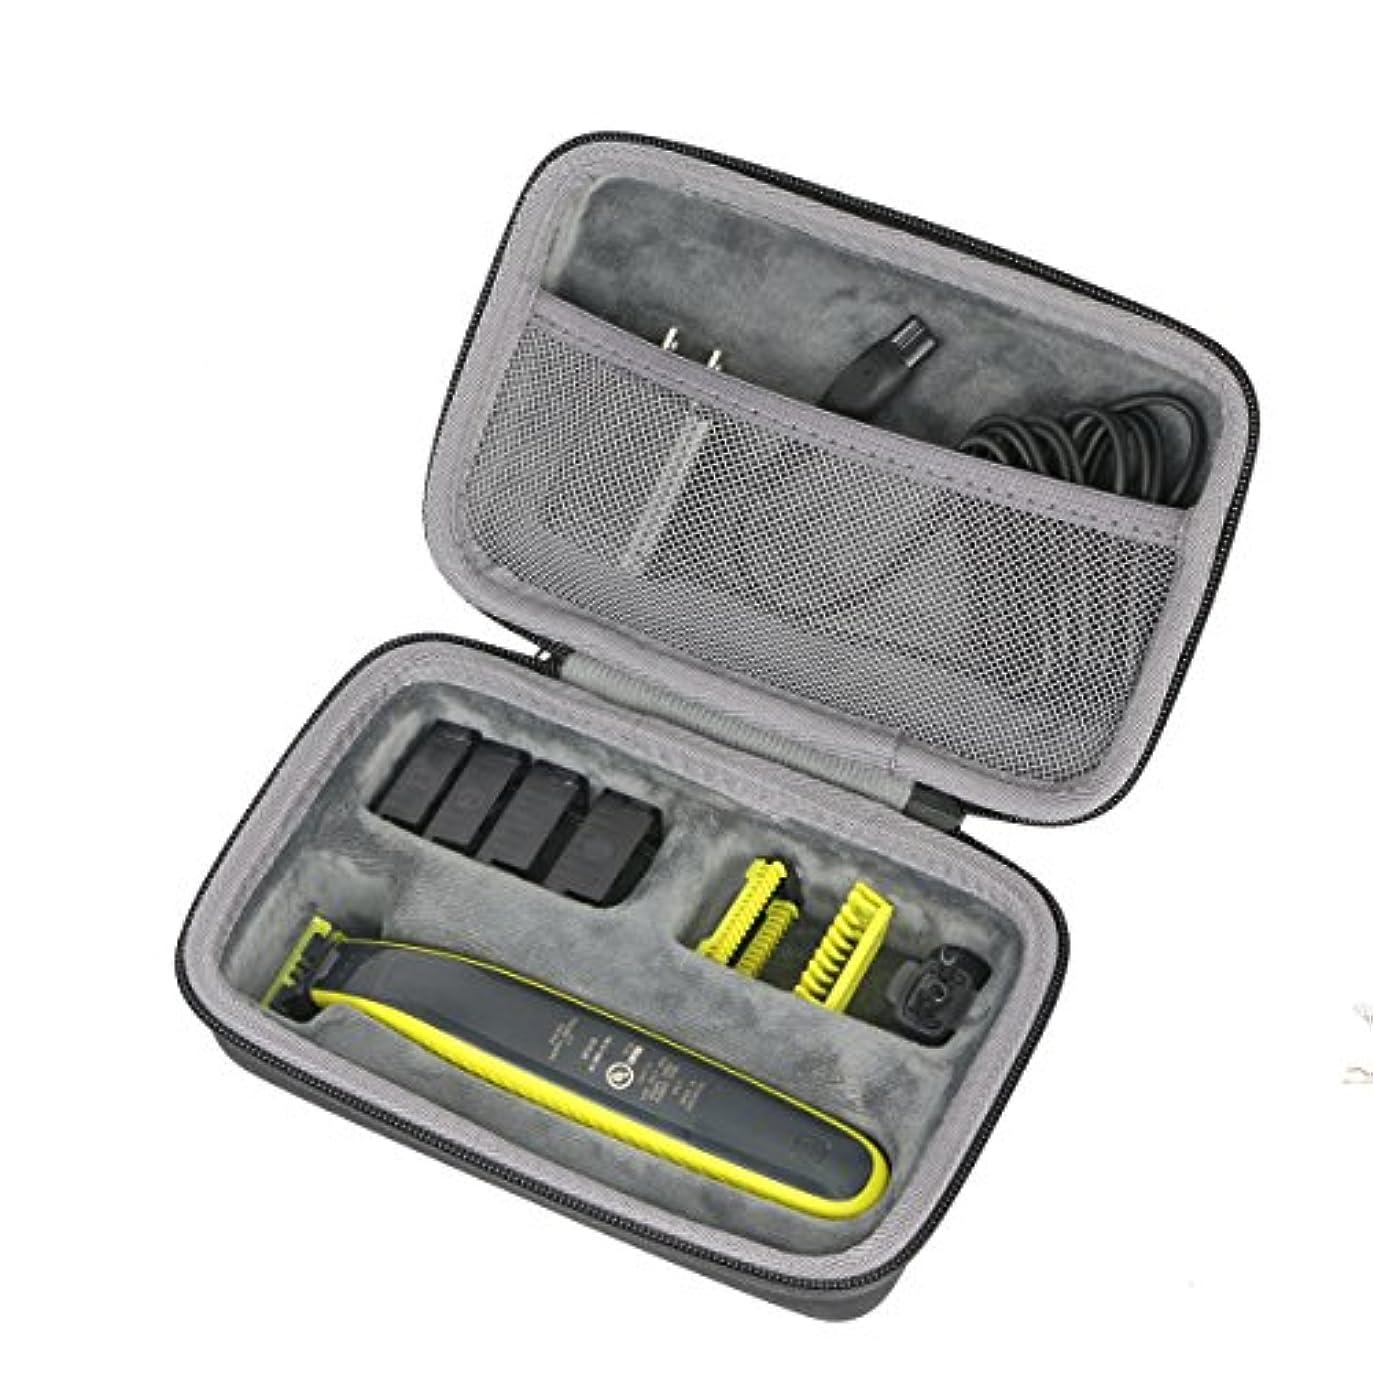 国民投票砂の短くするPhilips Norelco OneBlade Hybrid Rechargeable Trimmer QP2630/70ノ専用旅行収納 デザインノco2CREA バッグ